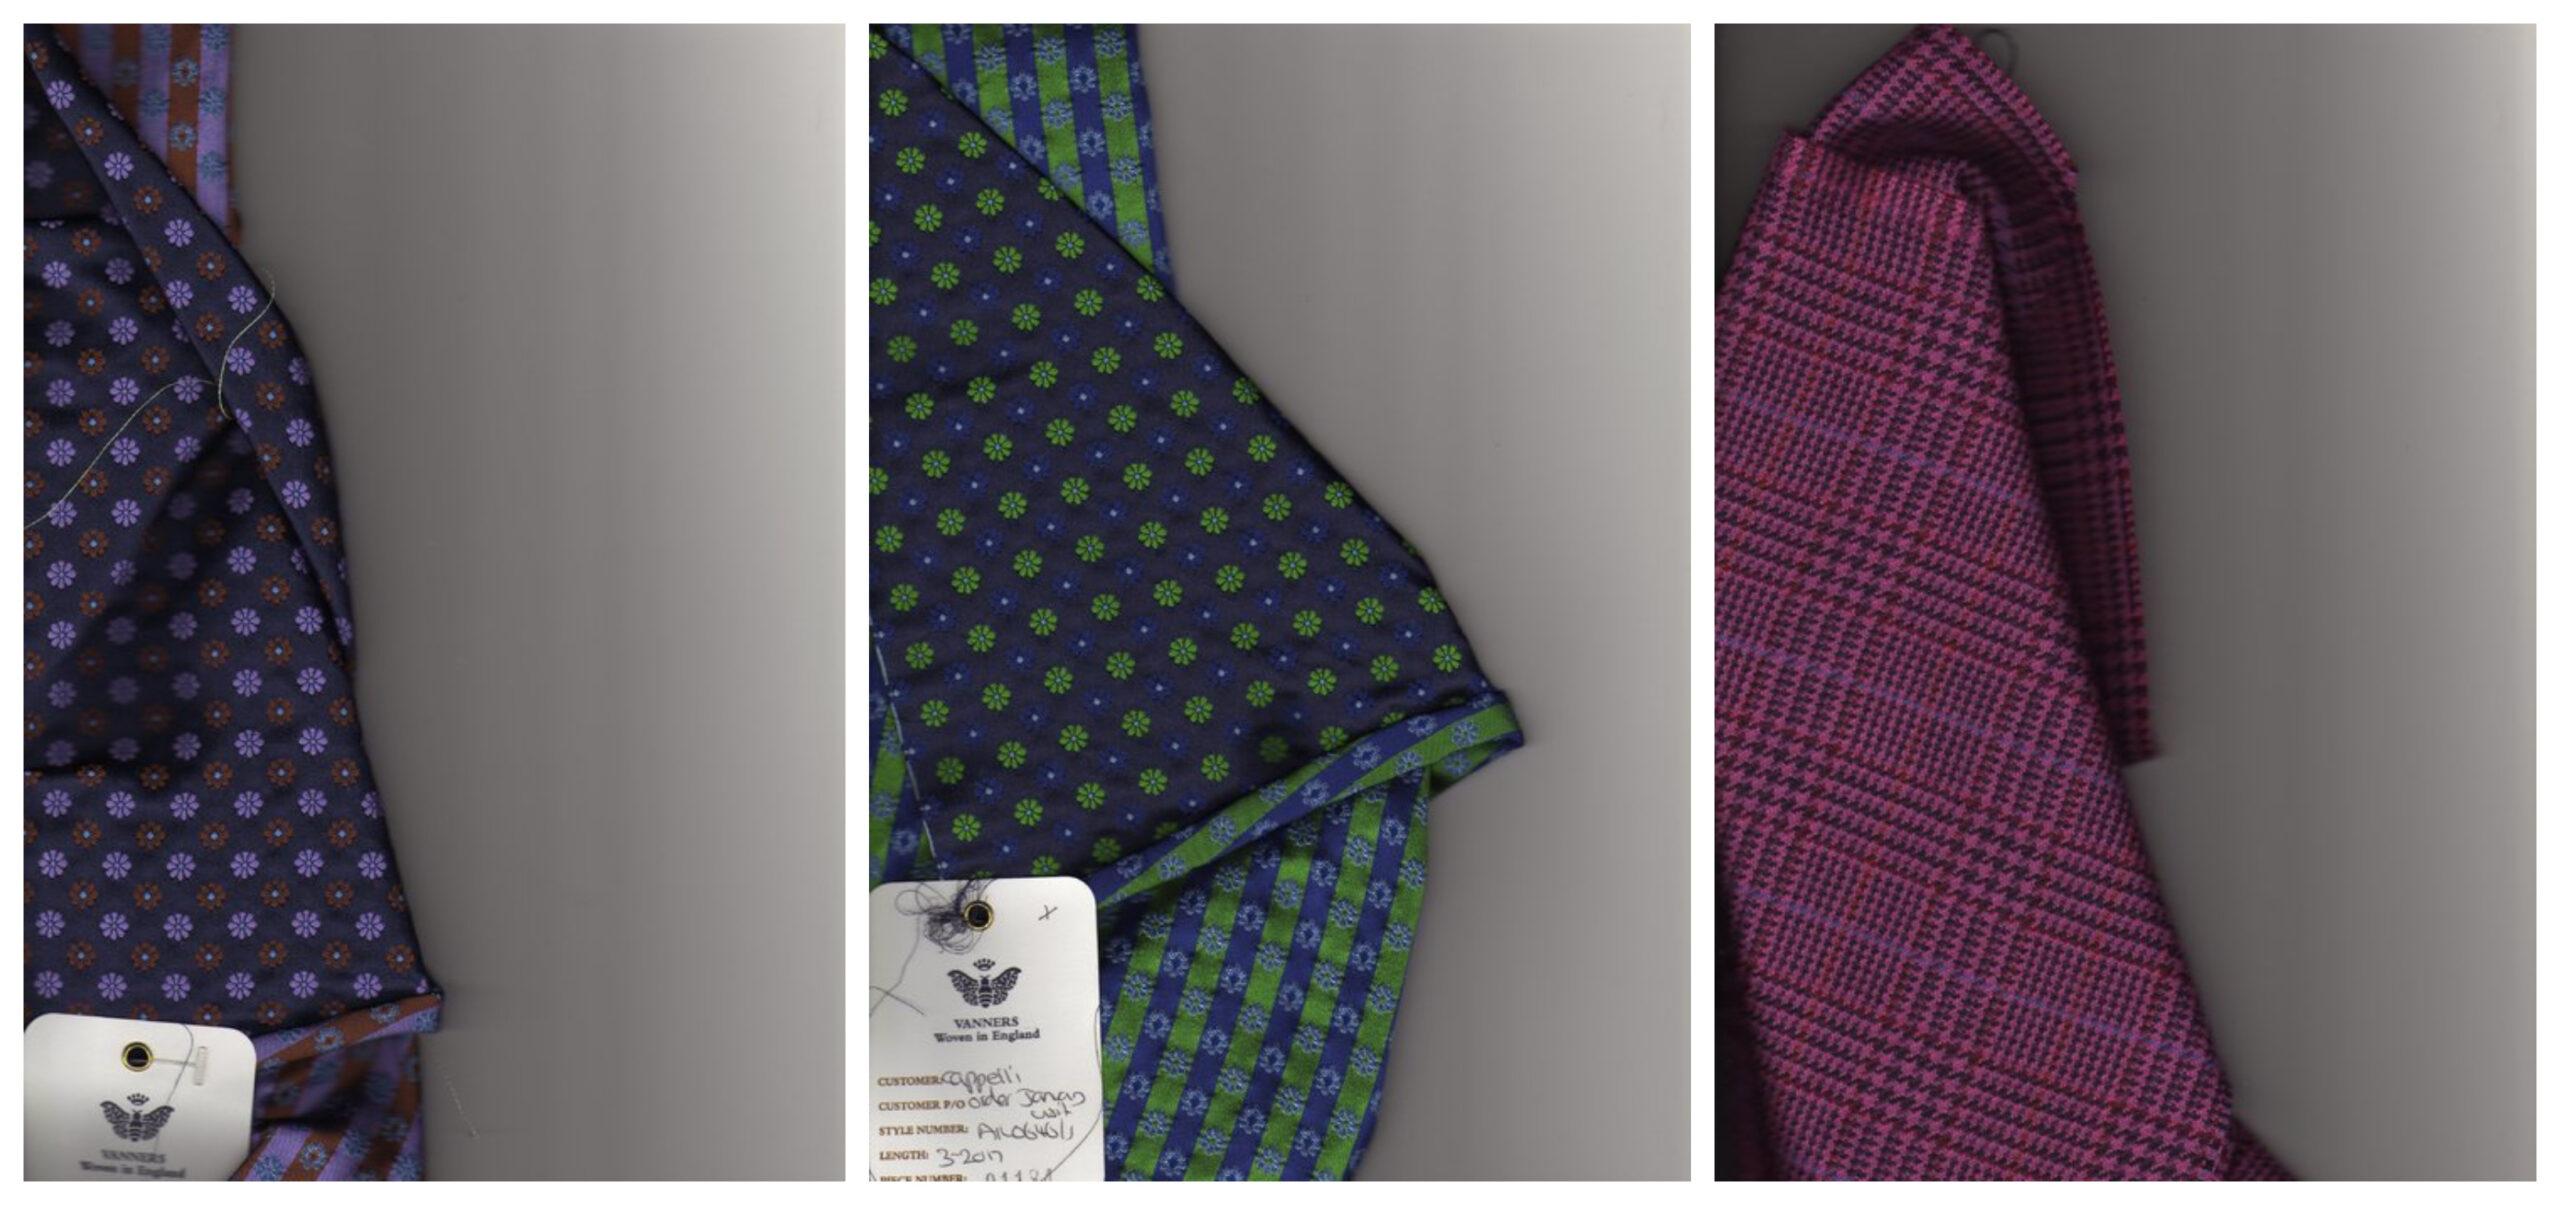 Un lot de tissu provenant de chez Cappelli, le tissu est identifié comme appartement à Cappelli sur l'étiquette, et le dernier tissu est, oh surprise, le même que celui utilisé pour la cravate Passaggio présentée au-dessus. (Source: Dressedwell)